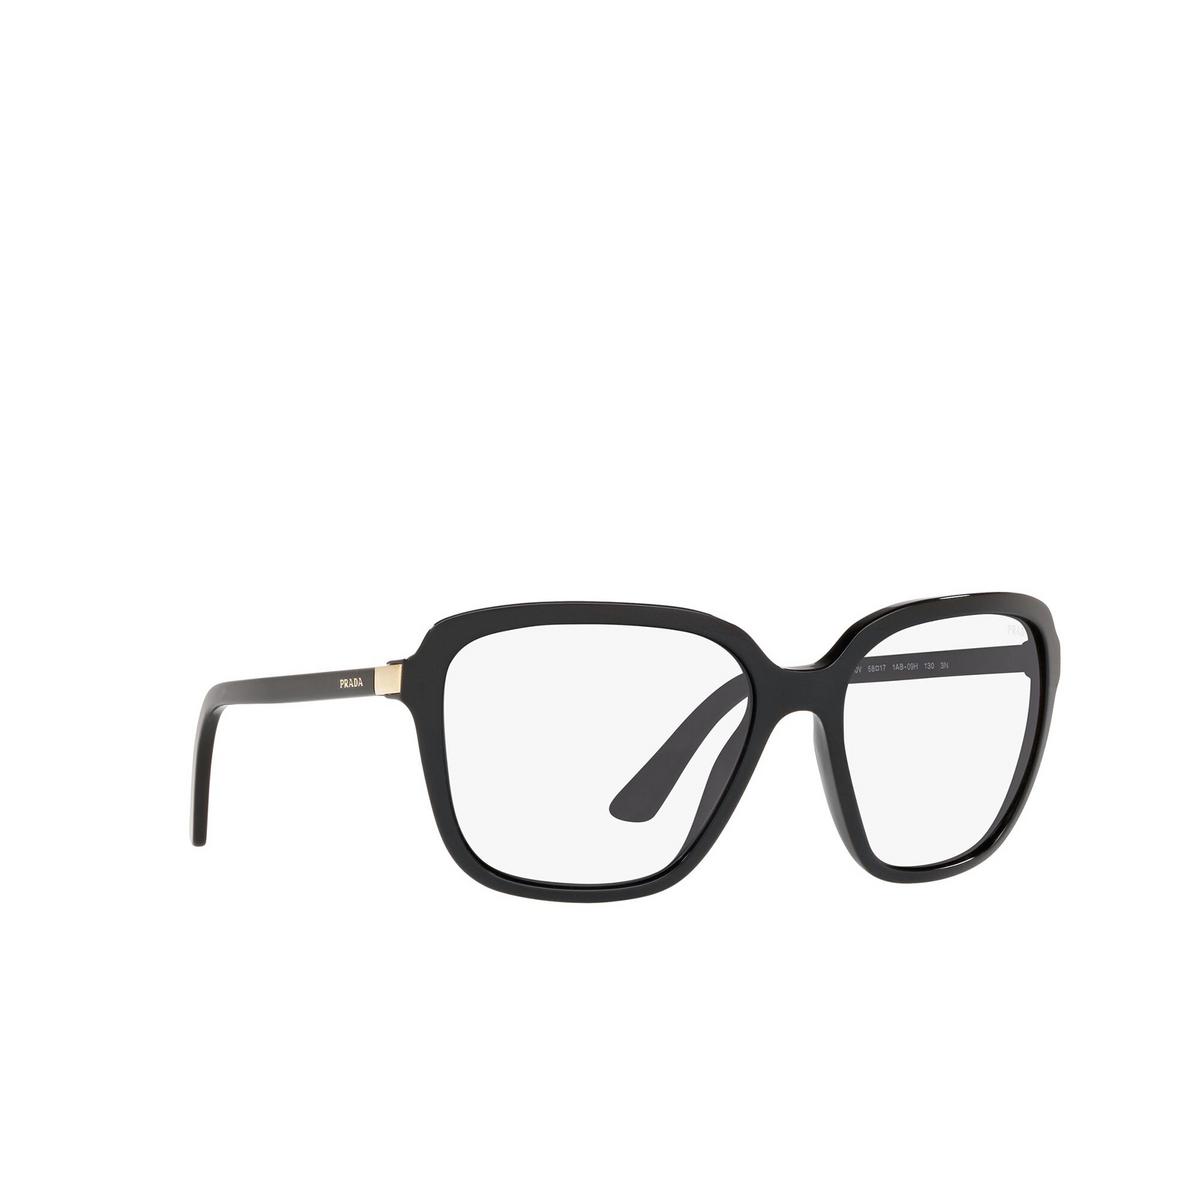 Prada® Square Sunglasses: Heritage PR 10VS color Black 1AB09H - three-quarters view.